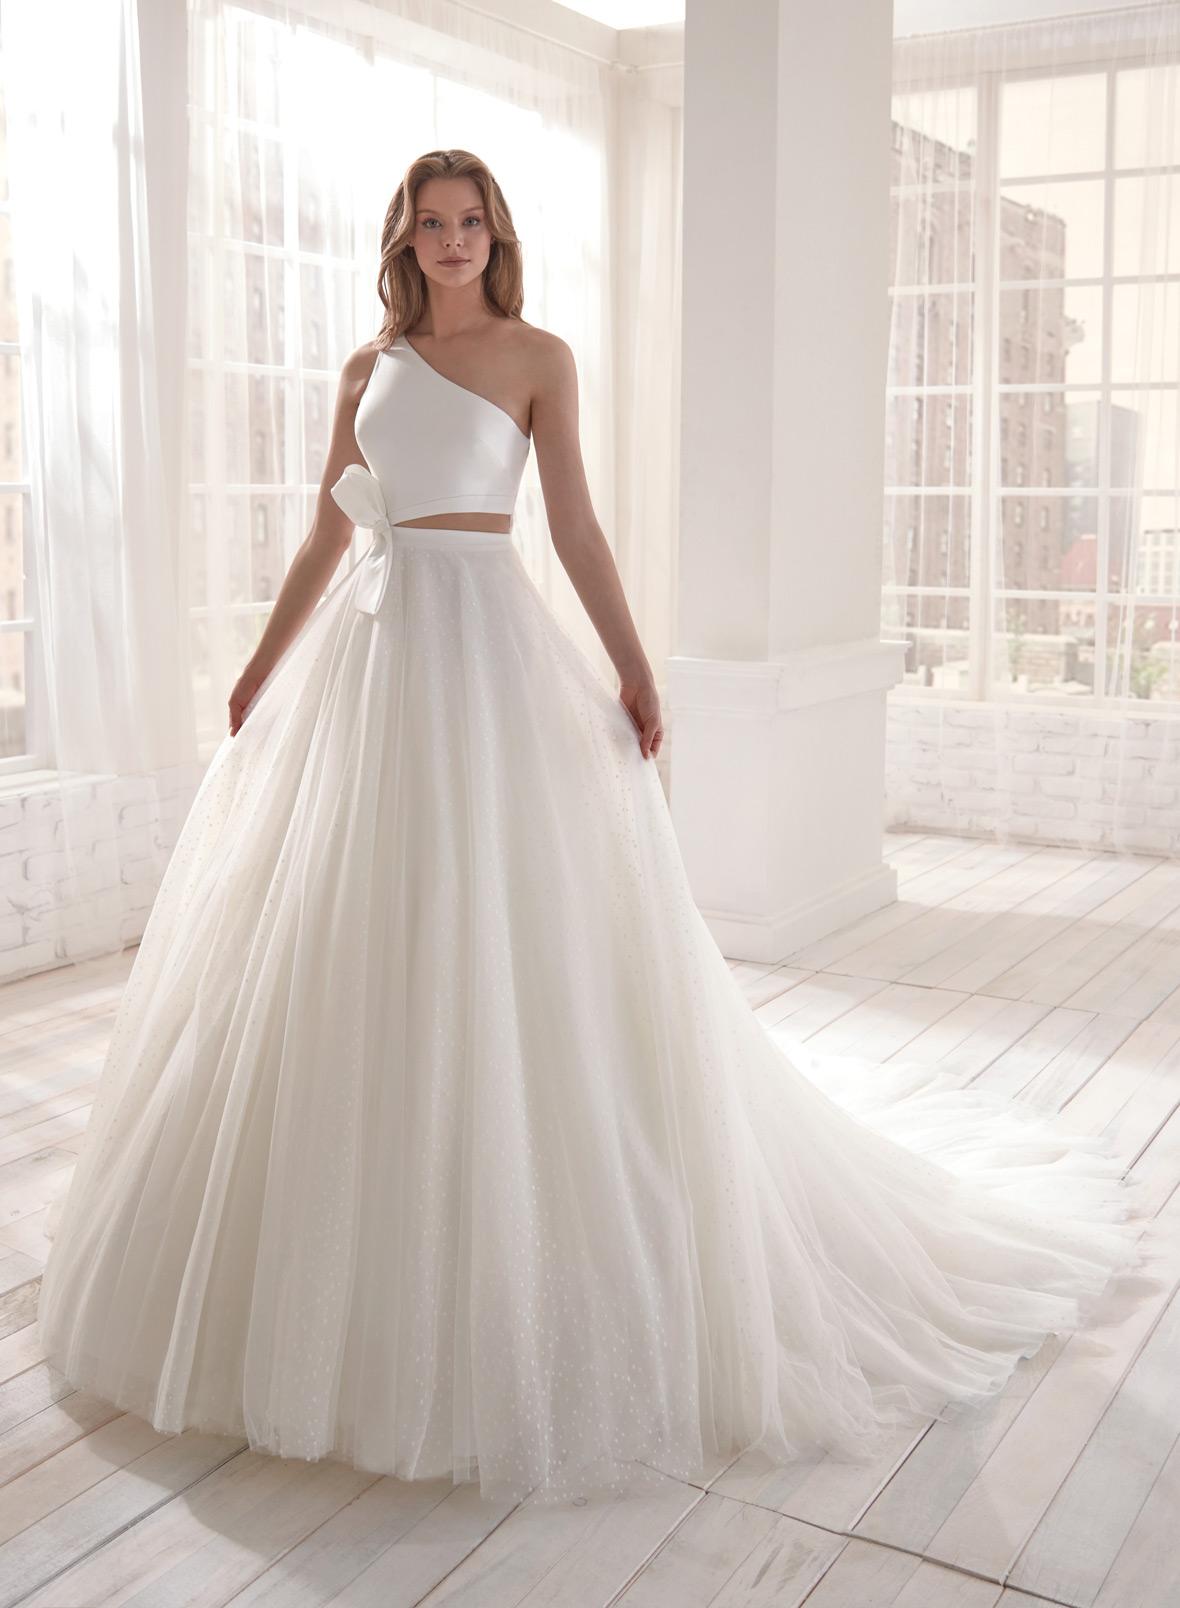 Abiti Da Sposa Padova.Abito Da Sposa Jolies 2020 Joa20561 Mariages It Abiti Sposa